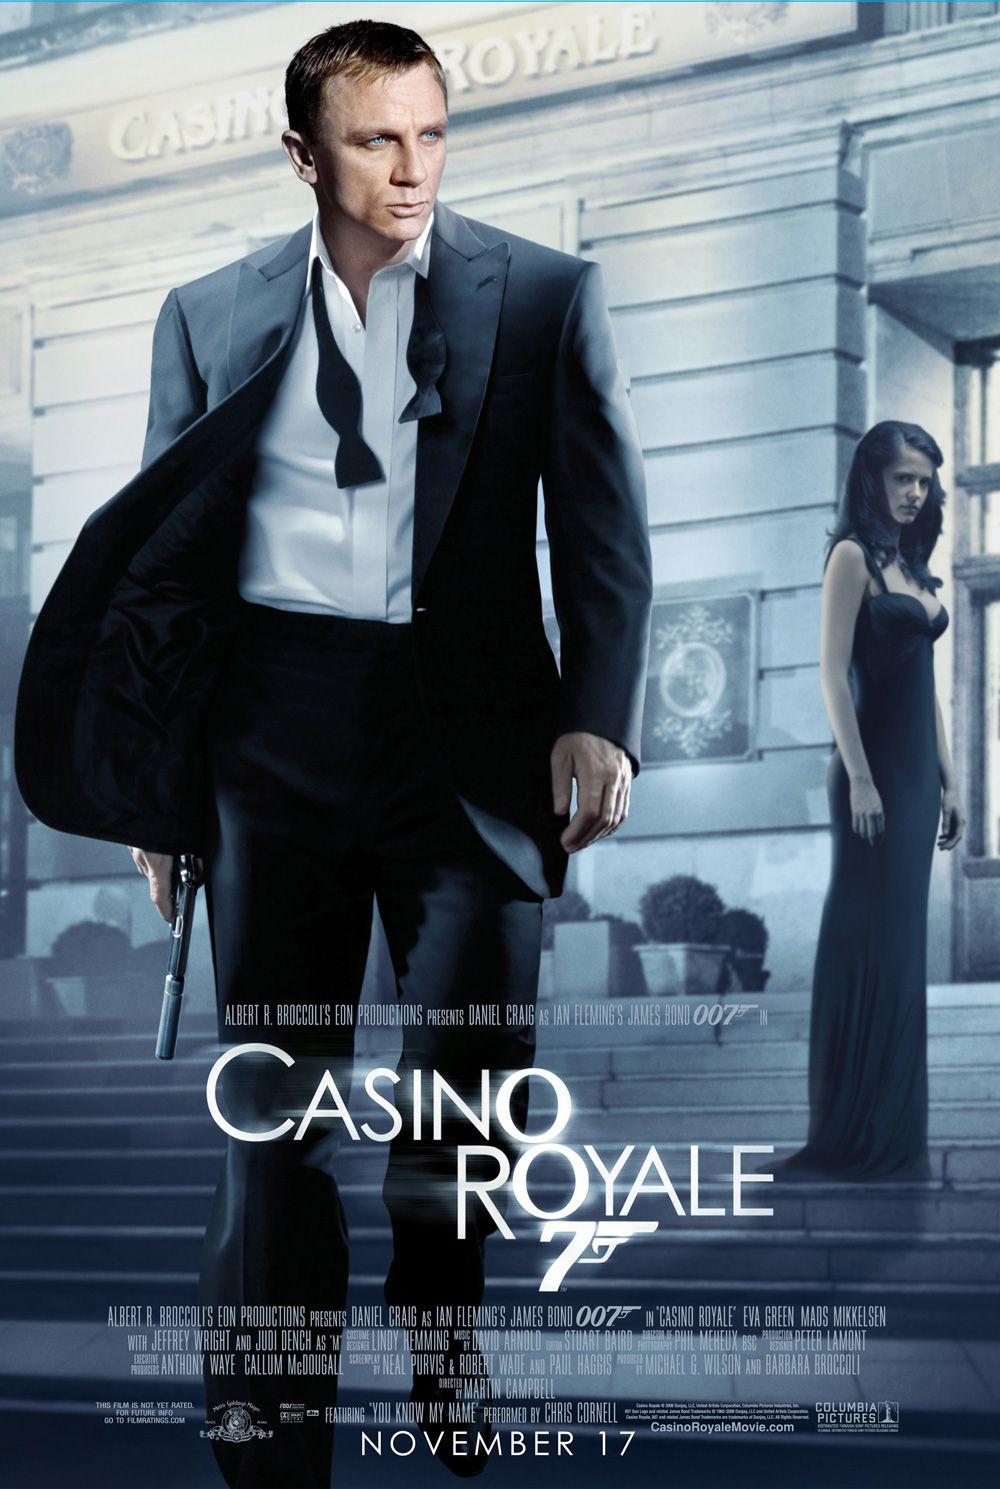 Casino Royale James Bond Un Kariyerinin Ilk Donemini Ele Aliyor